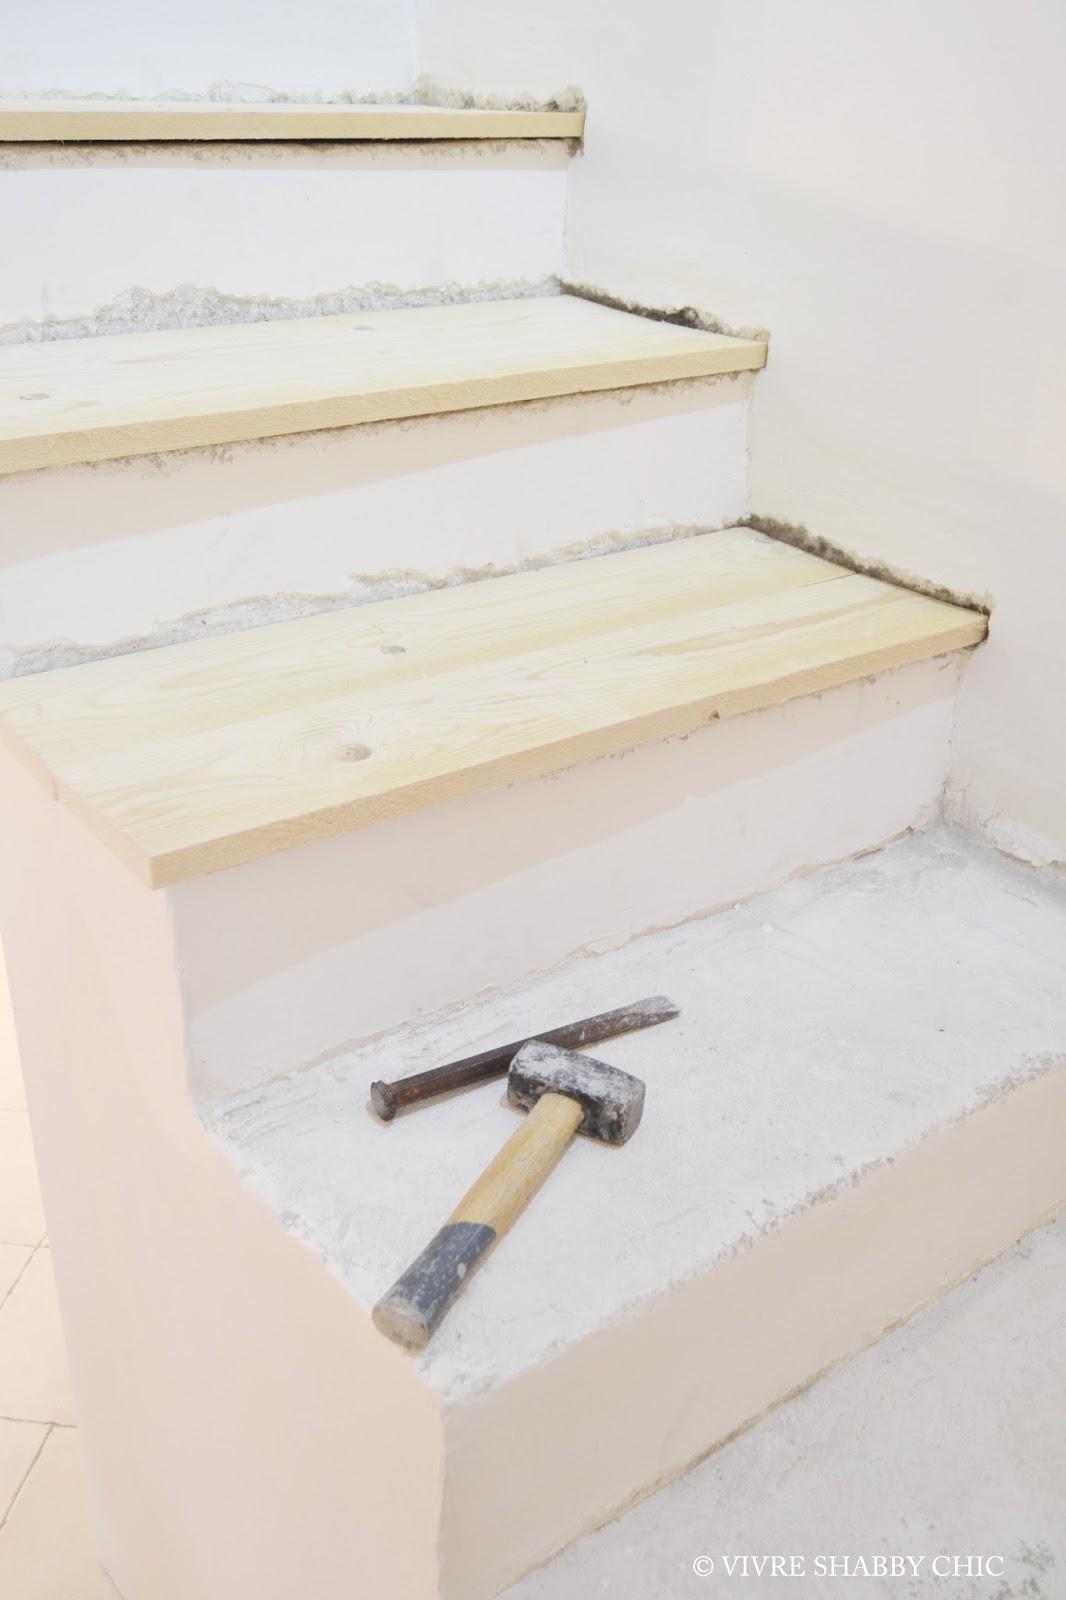 Vivre shabby chic casa rivestire in legno una scala interna for Rivestire una scala in legno